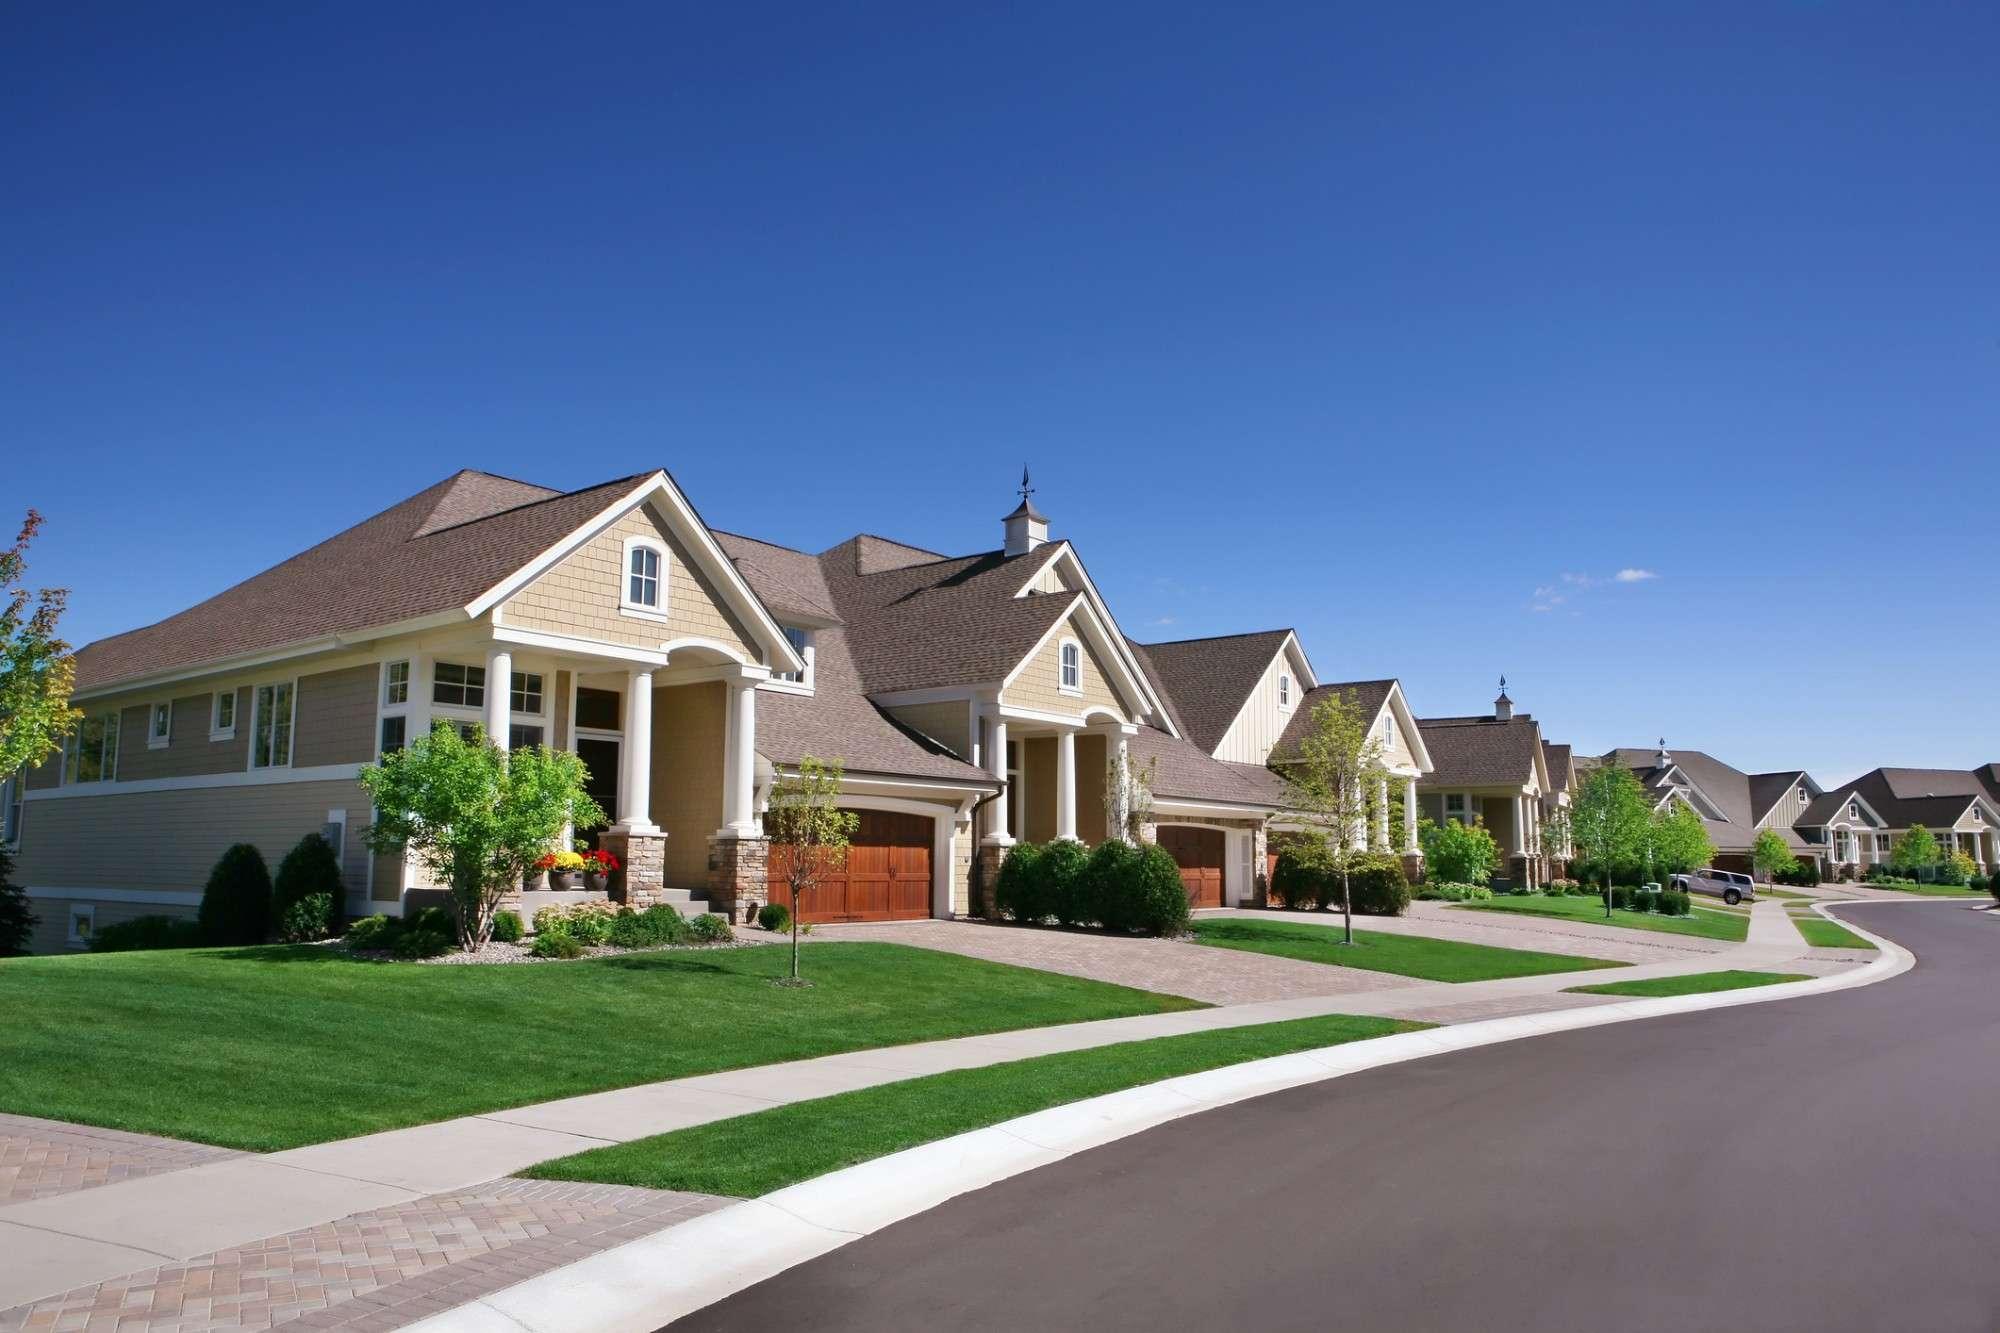 Imigrantes podem comprar casa nos EUA? Descubra!